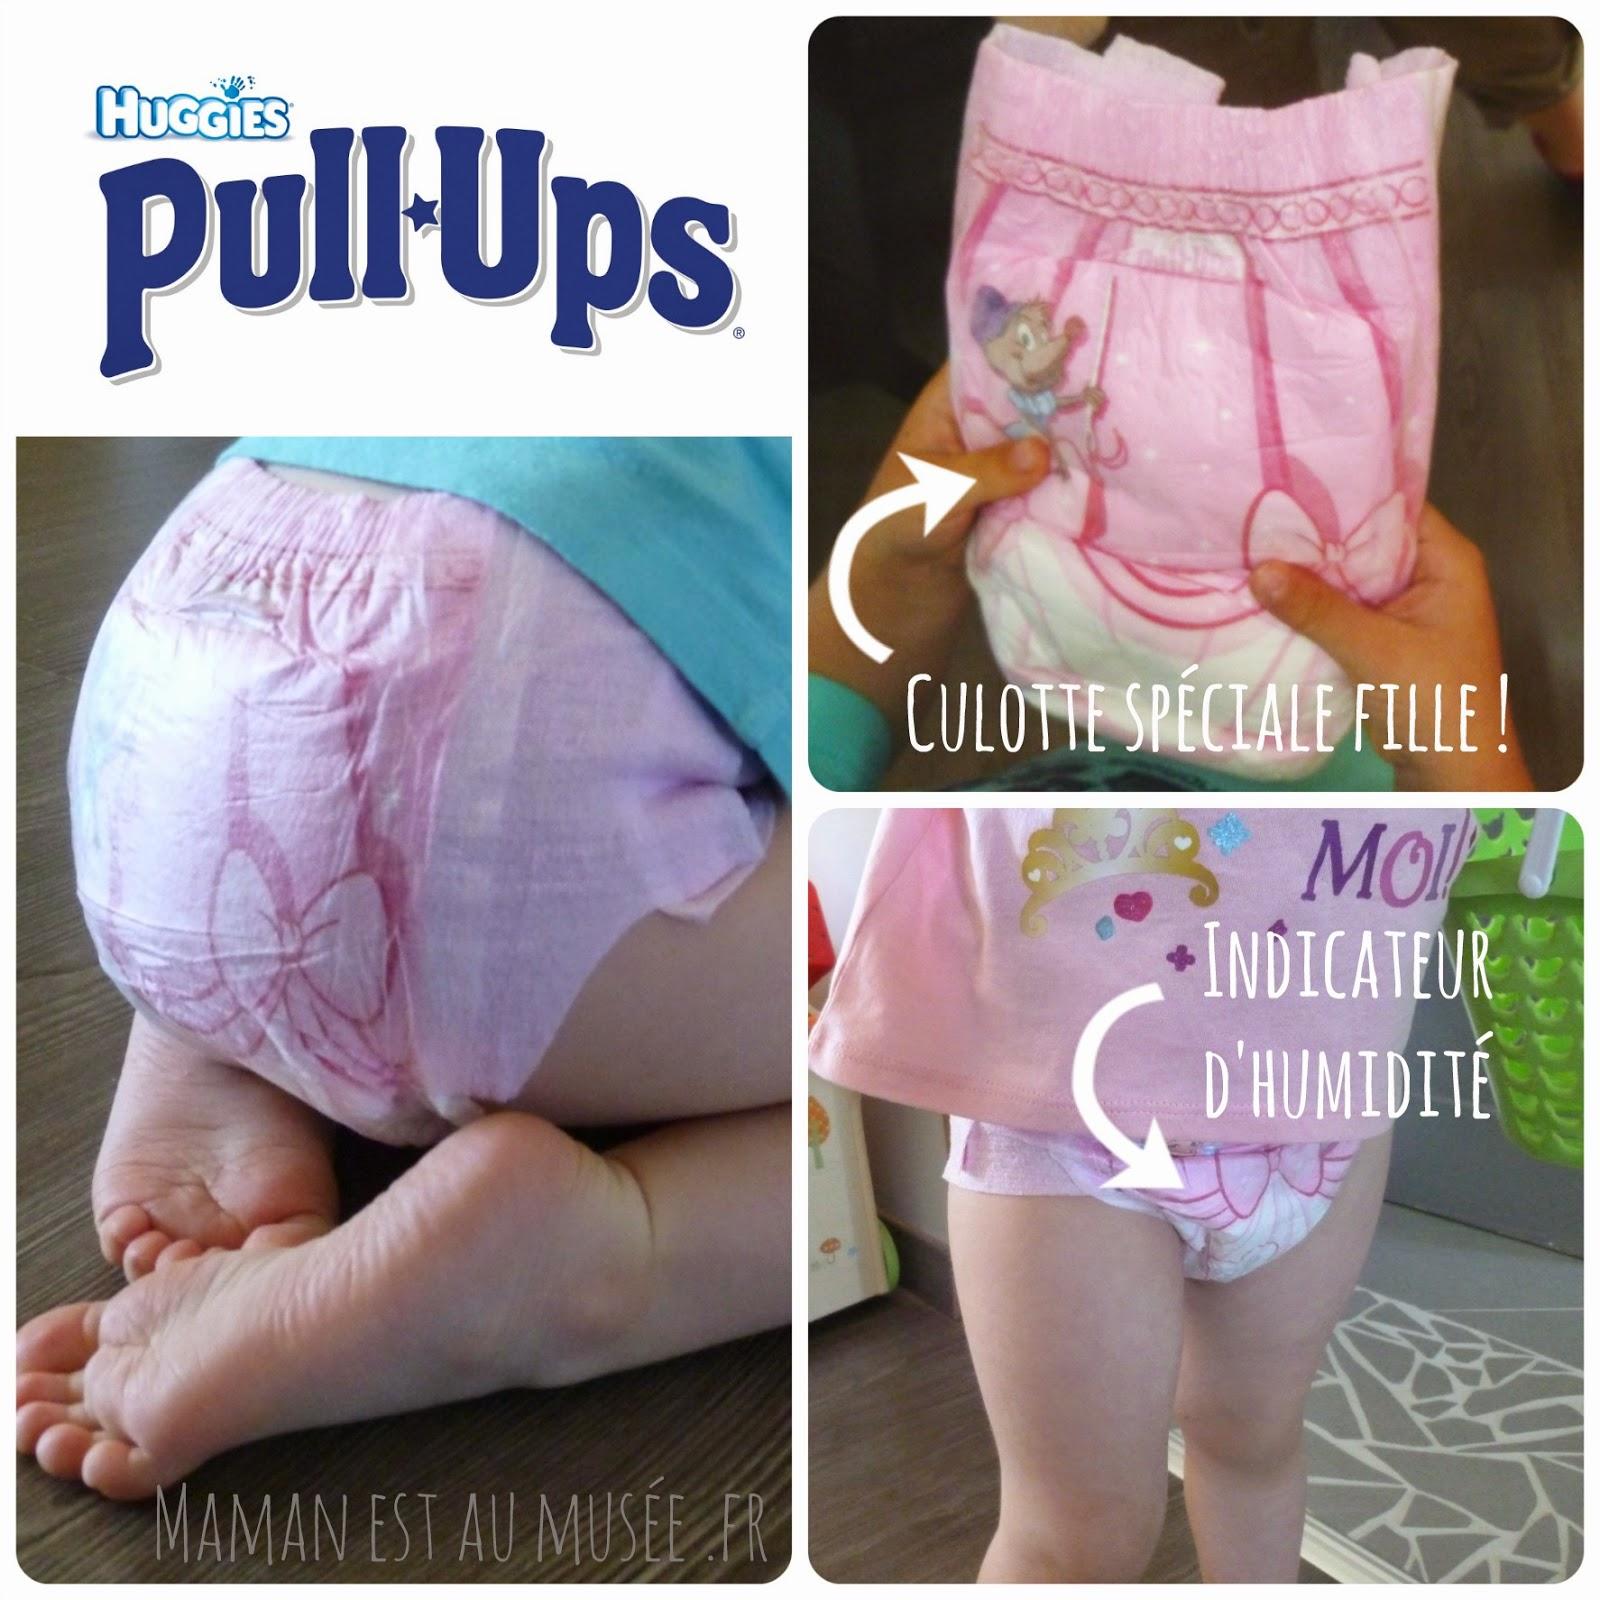 Maman est au mus e blog famille lifestyle on apprend la propret avec les culottes d - Couche huggies nouveau ne ...